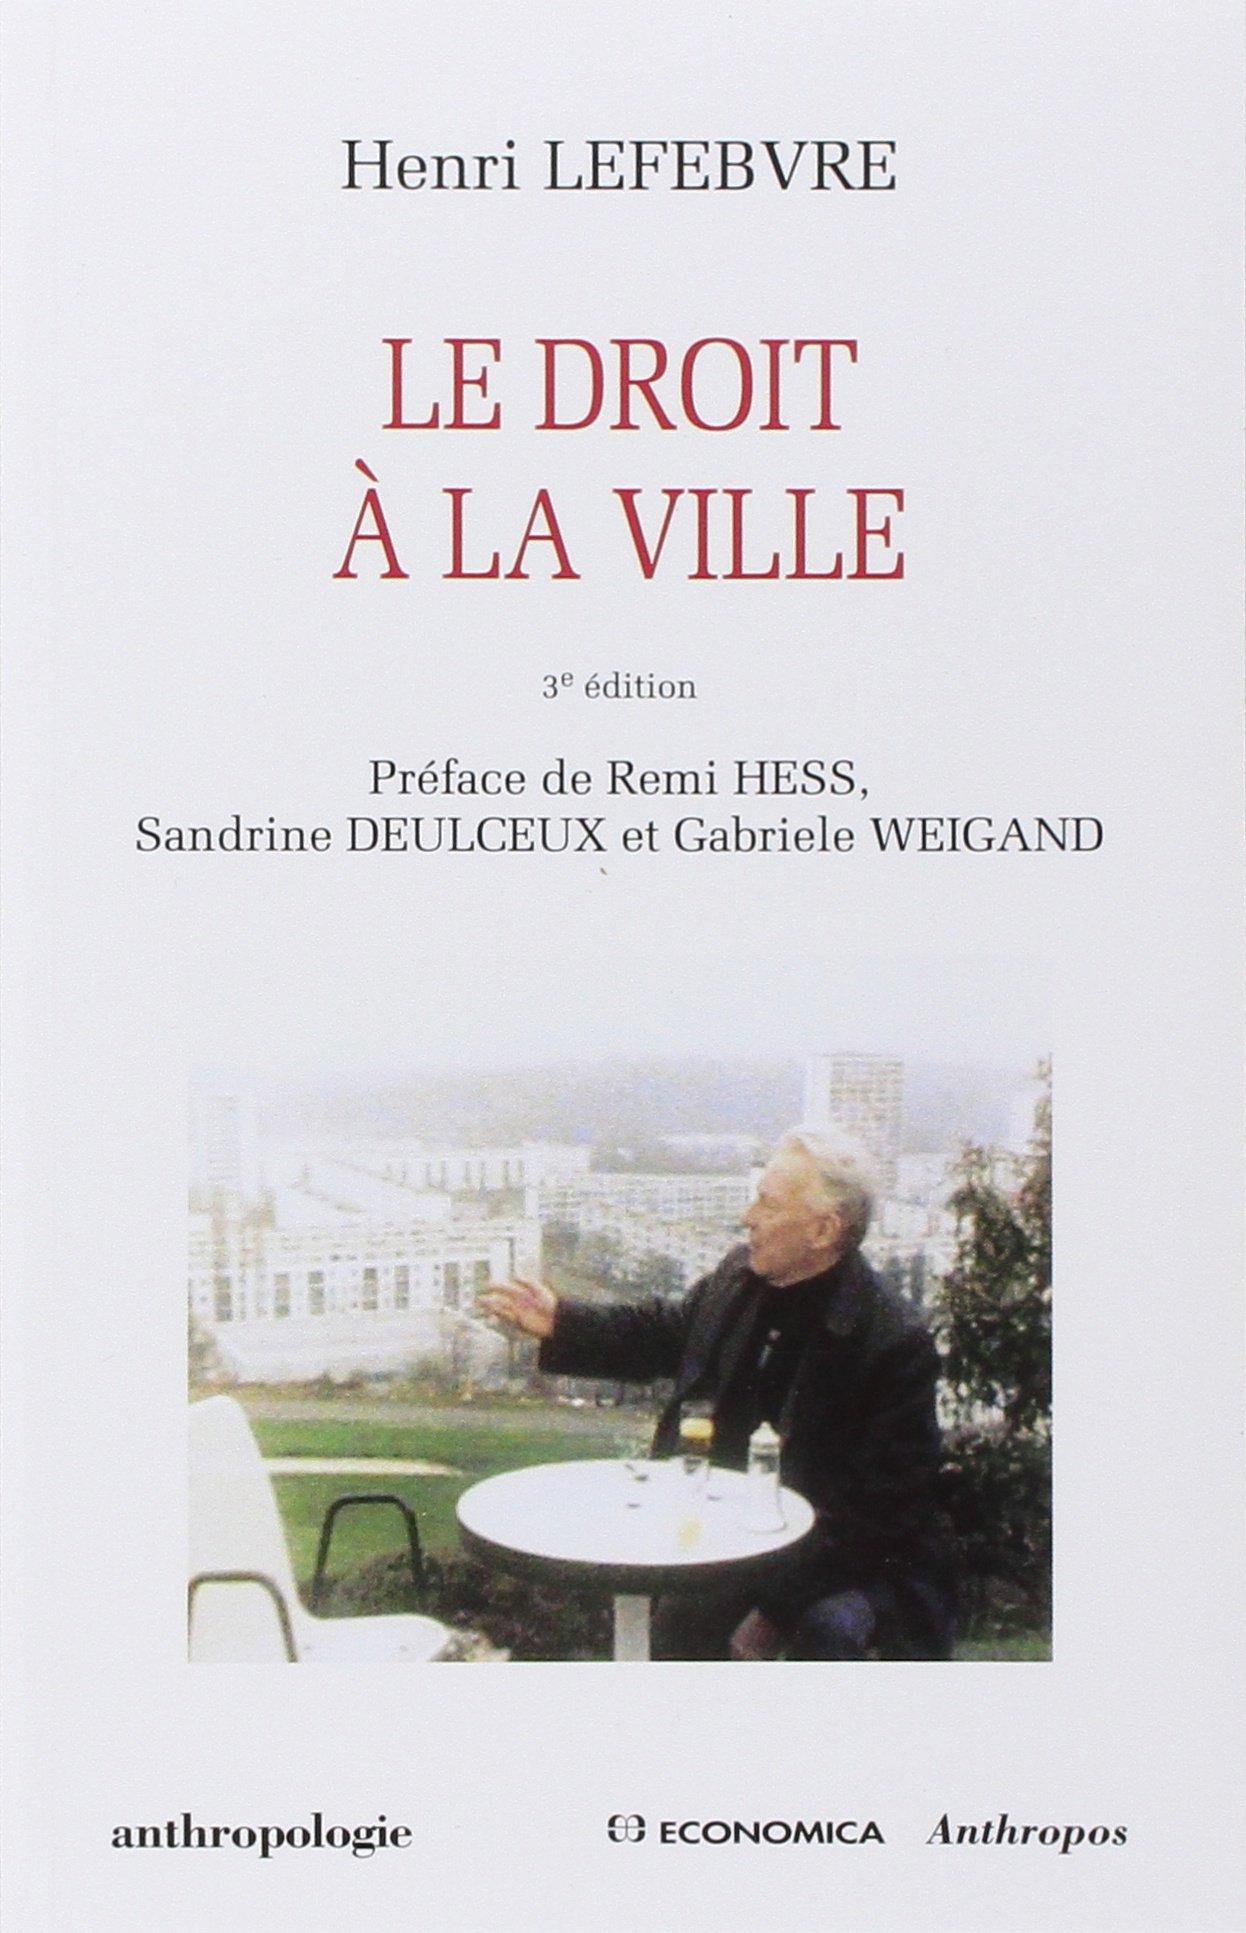 Le Droit A La Ville Anthropologie Lefebvre Henri Hess Remi Deulceux Sandrine Weigand Gabriele 9782717857085 Amazon Com Books